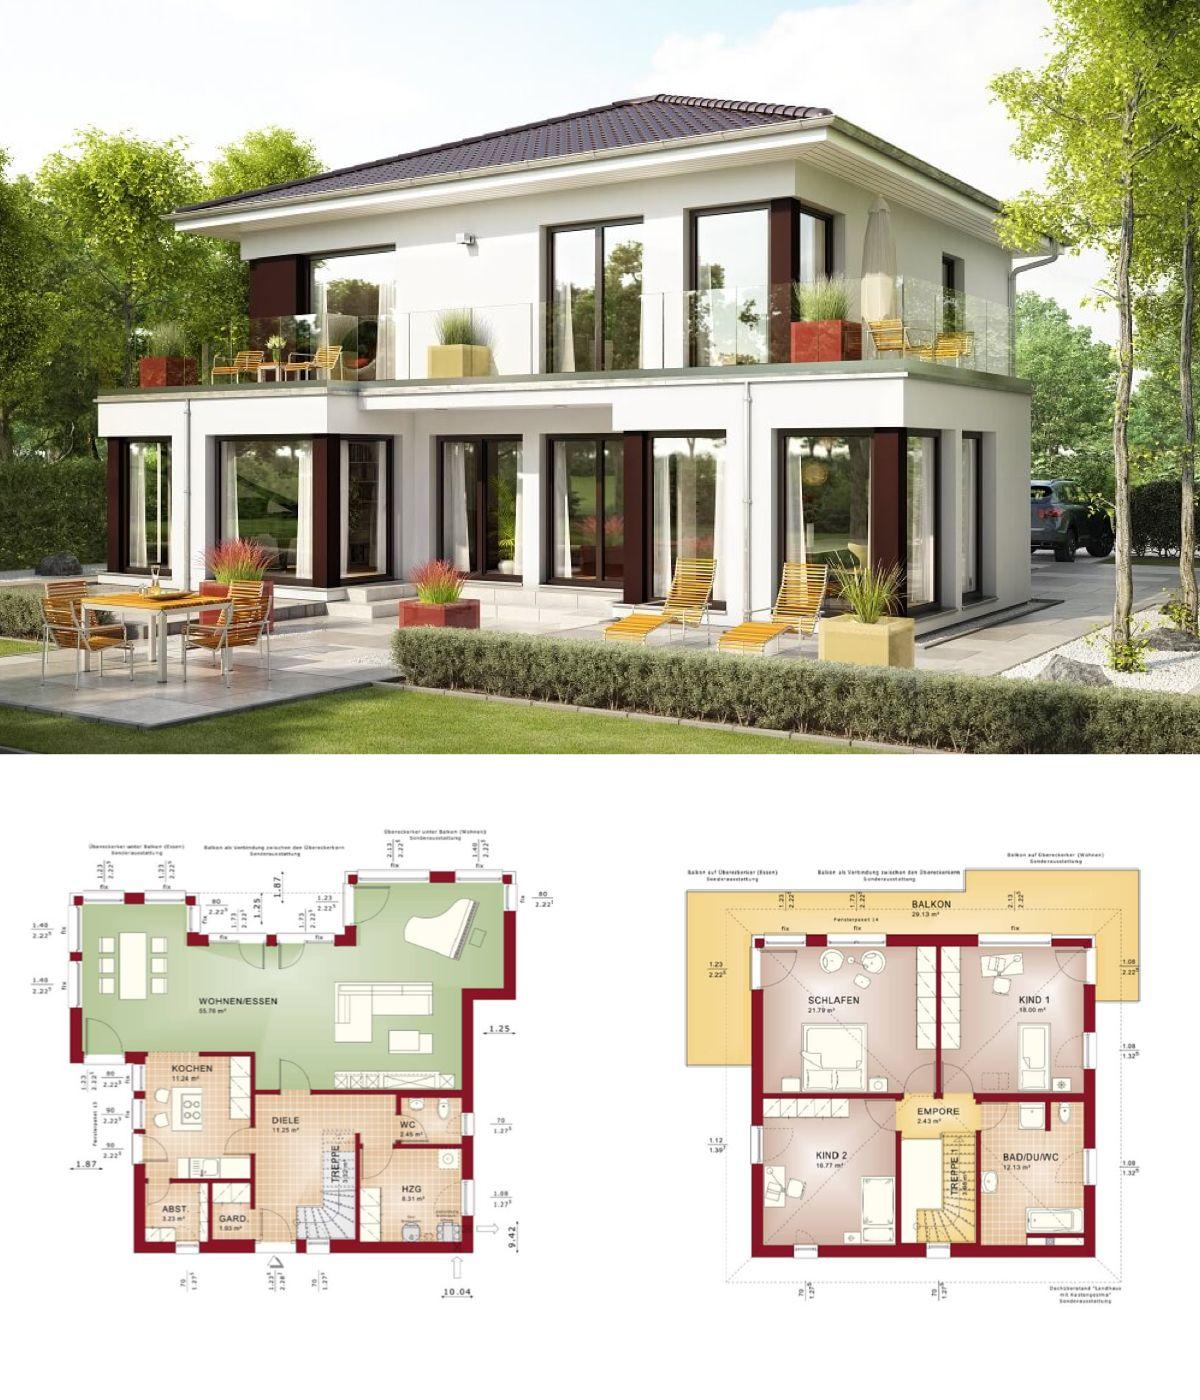 Einfamilienhaus evolution 154 v10 bien zenker fertighaus for Fertighaus grundrisse einfamilienhaus